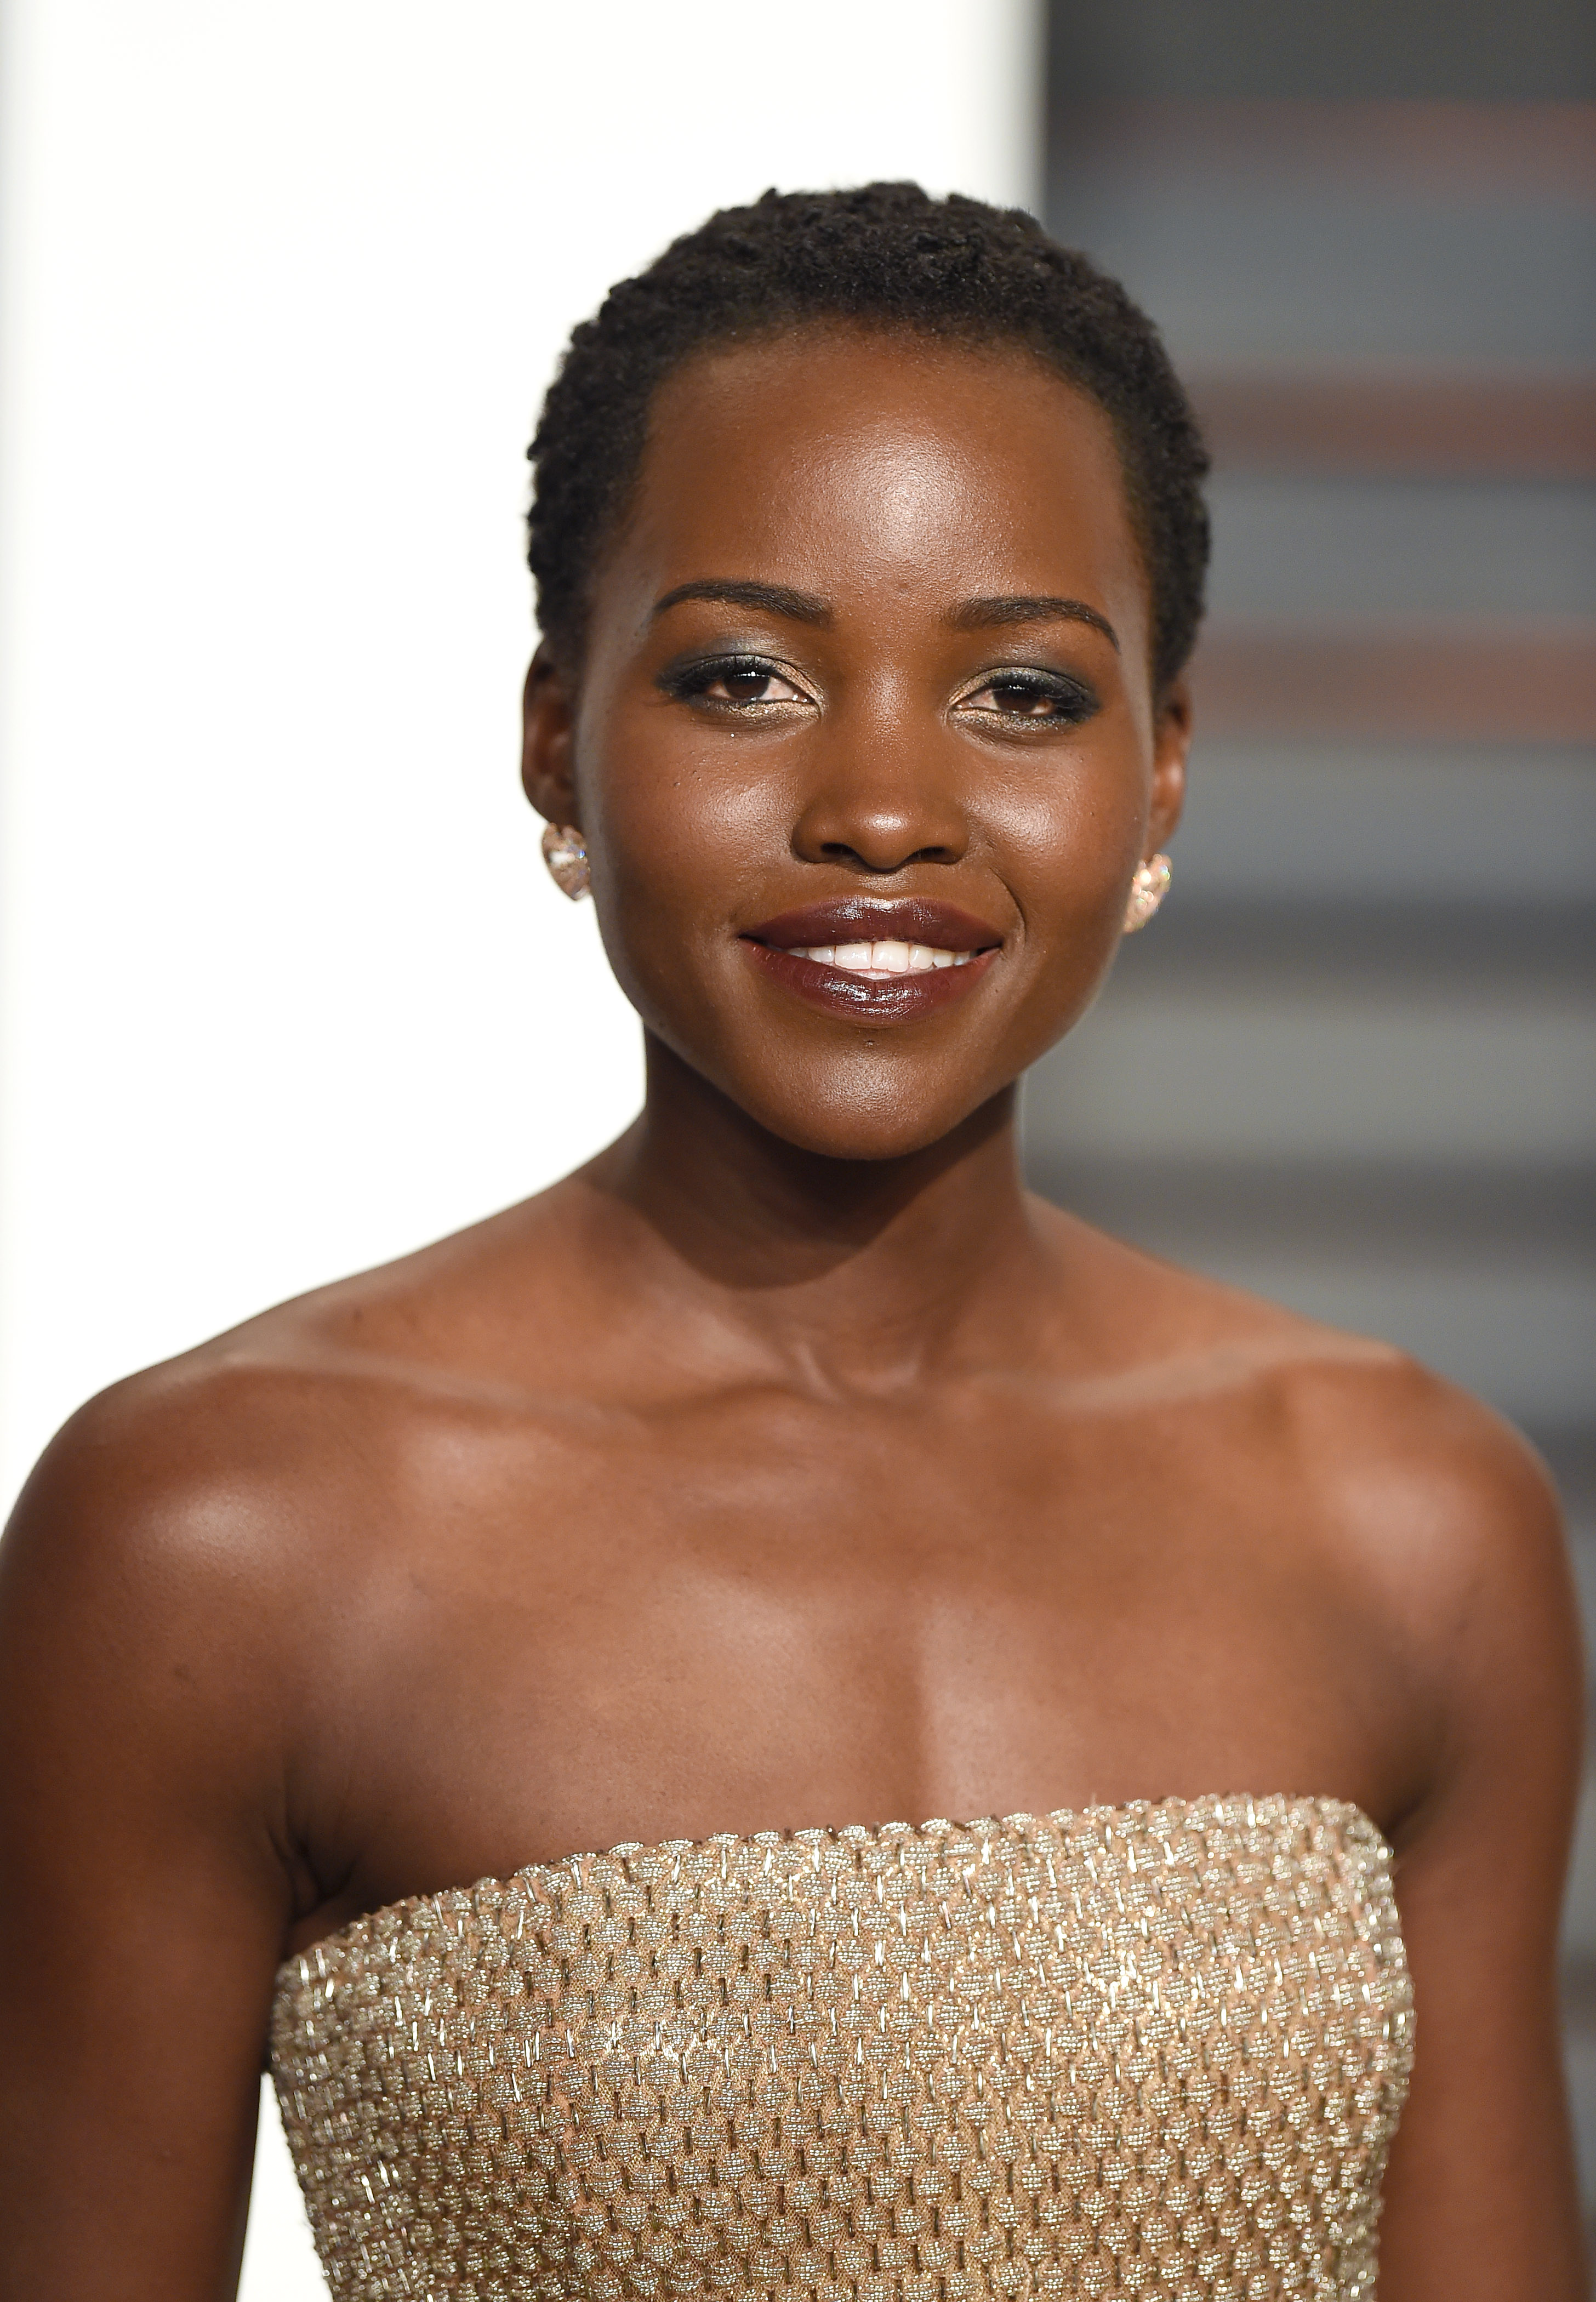 Remarkable 45 Black Hairstyles For Short Hair Short Haircuts For Black Women Short Hairstyles For Black Women Fulllsitofus